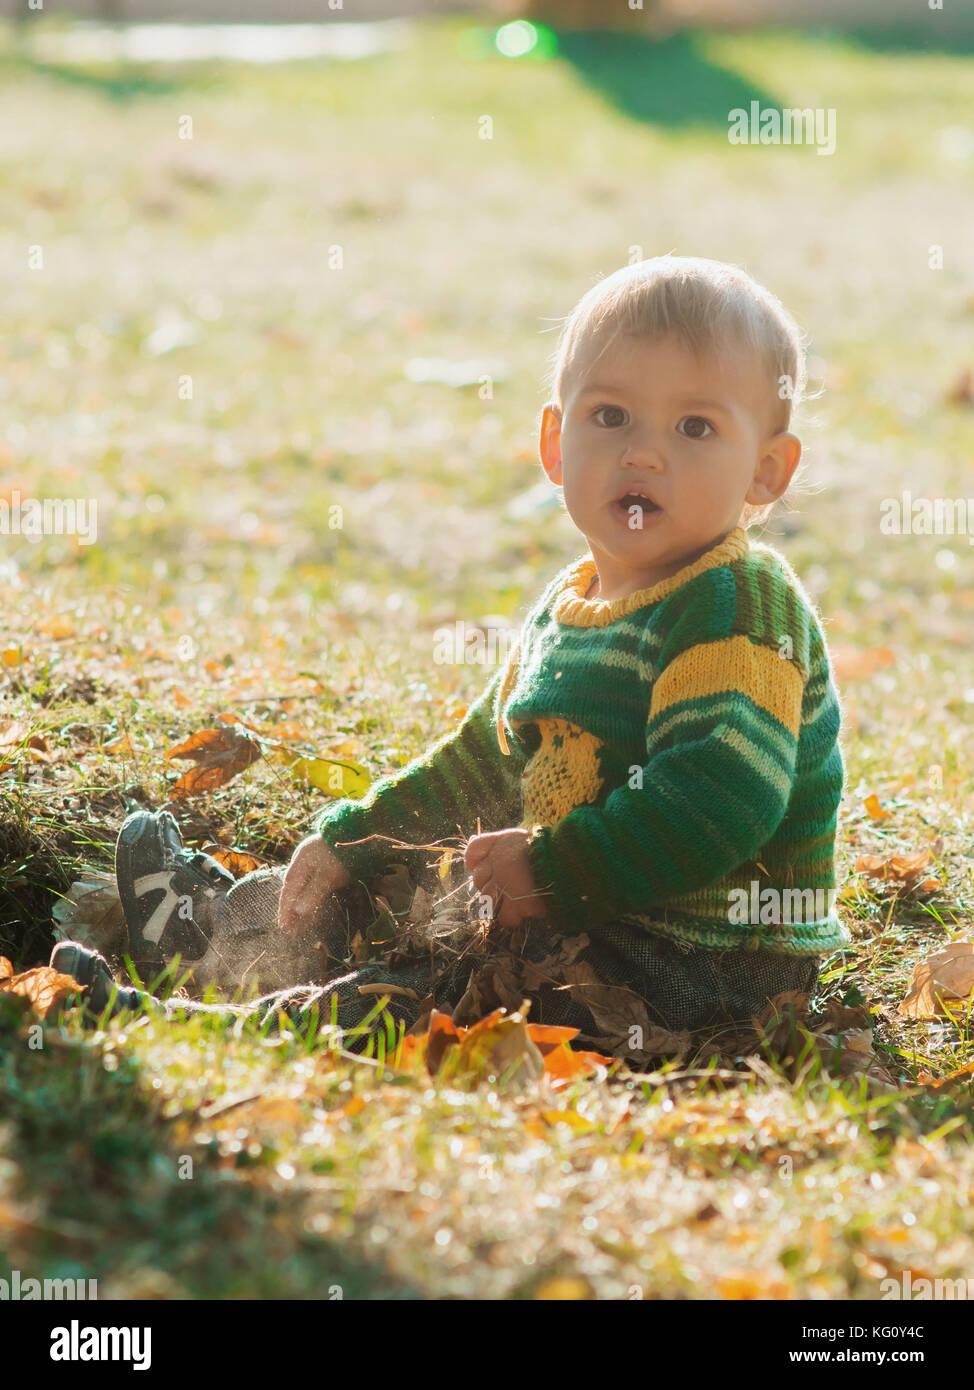 Un poco de 1 año de edad Baby Boy sentado en otoño de tierra en Sunset Park. niño sonriente y laughting, Imagen De Stock